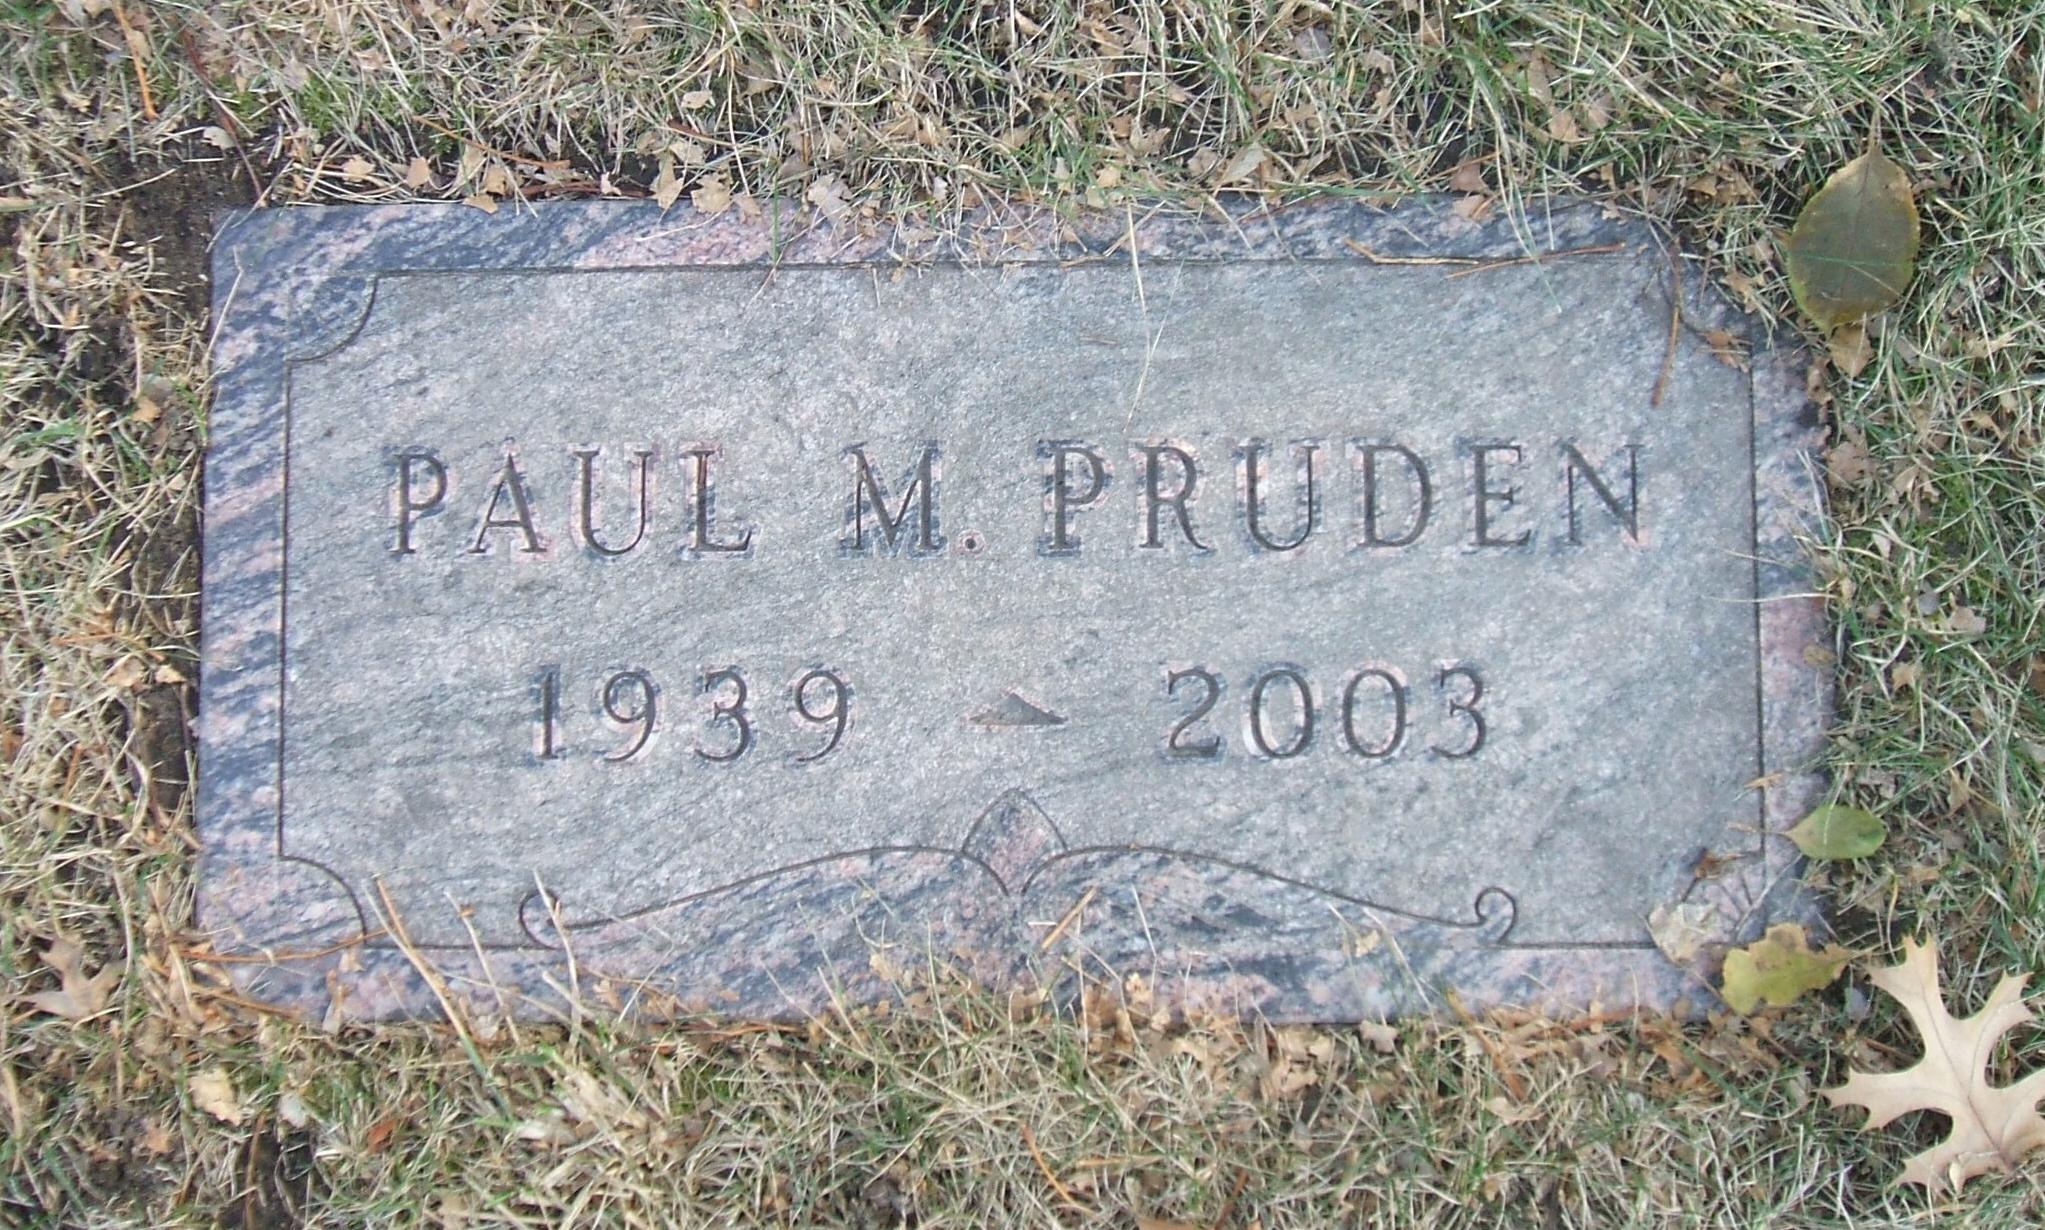 Paul M Pruden